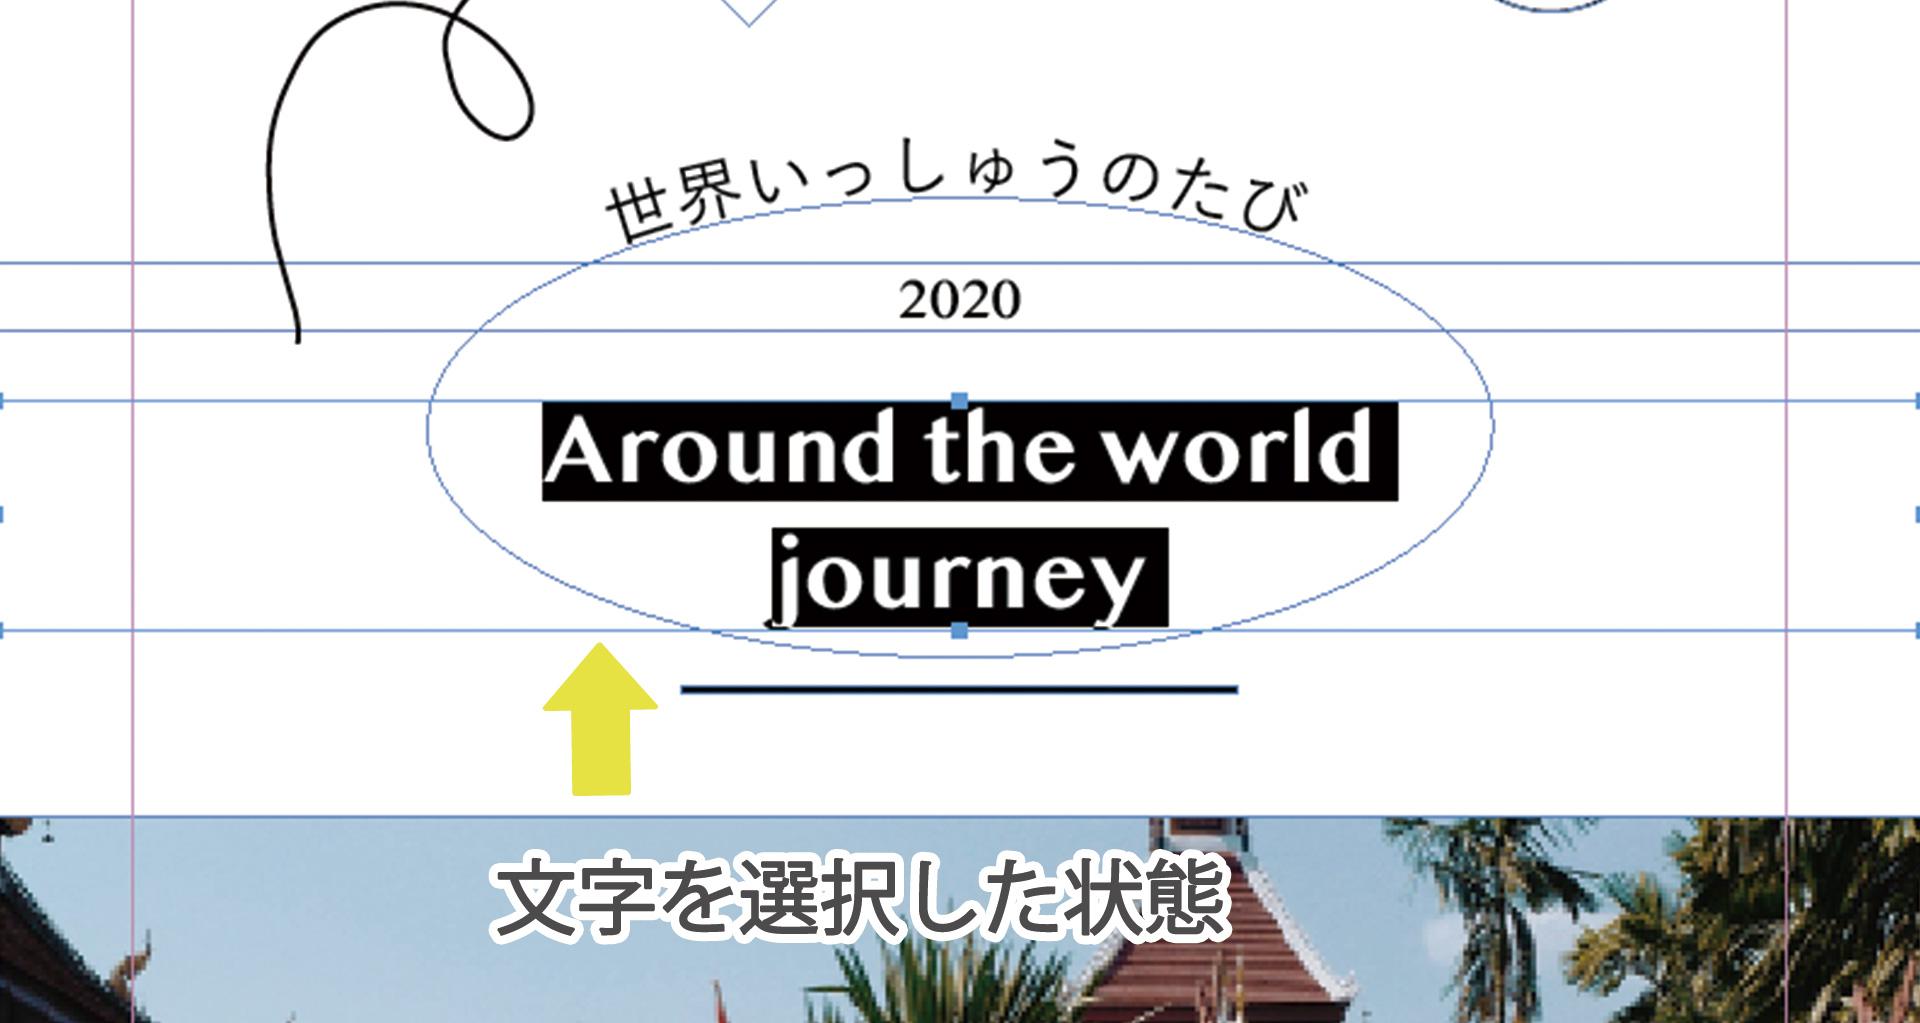 インデザインで文字を選択する